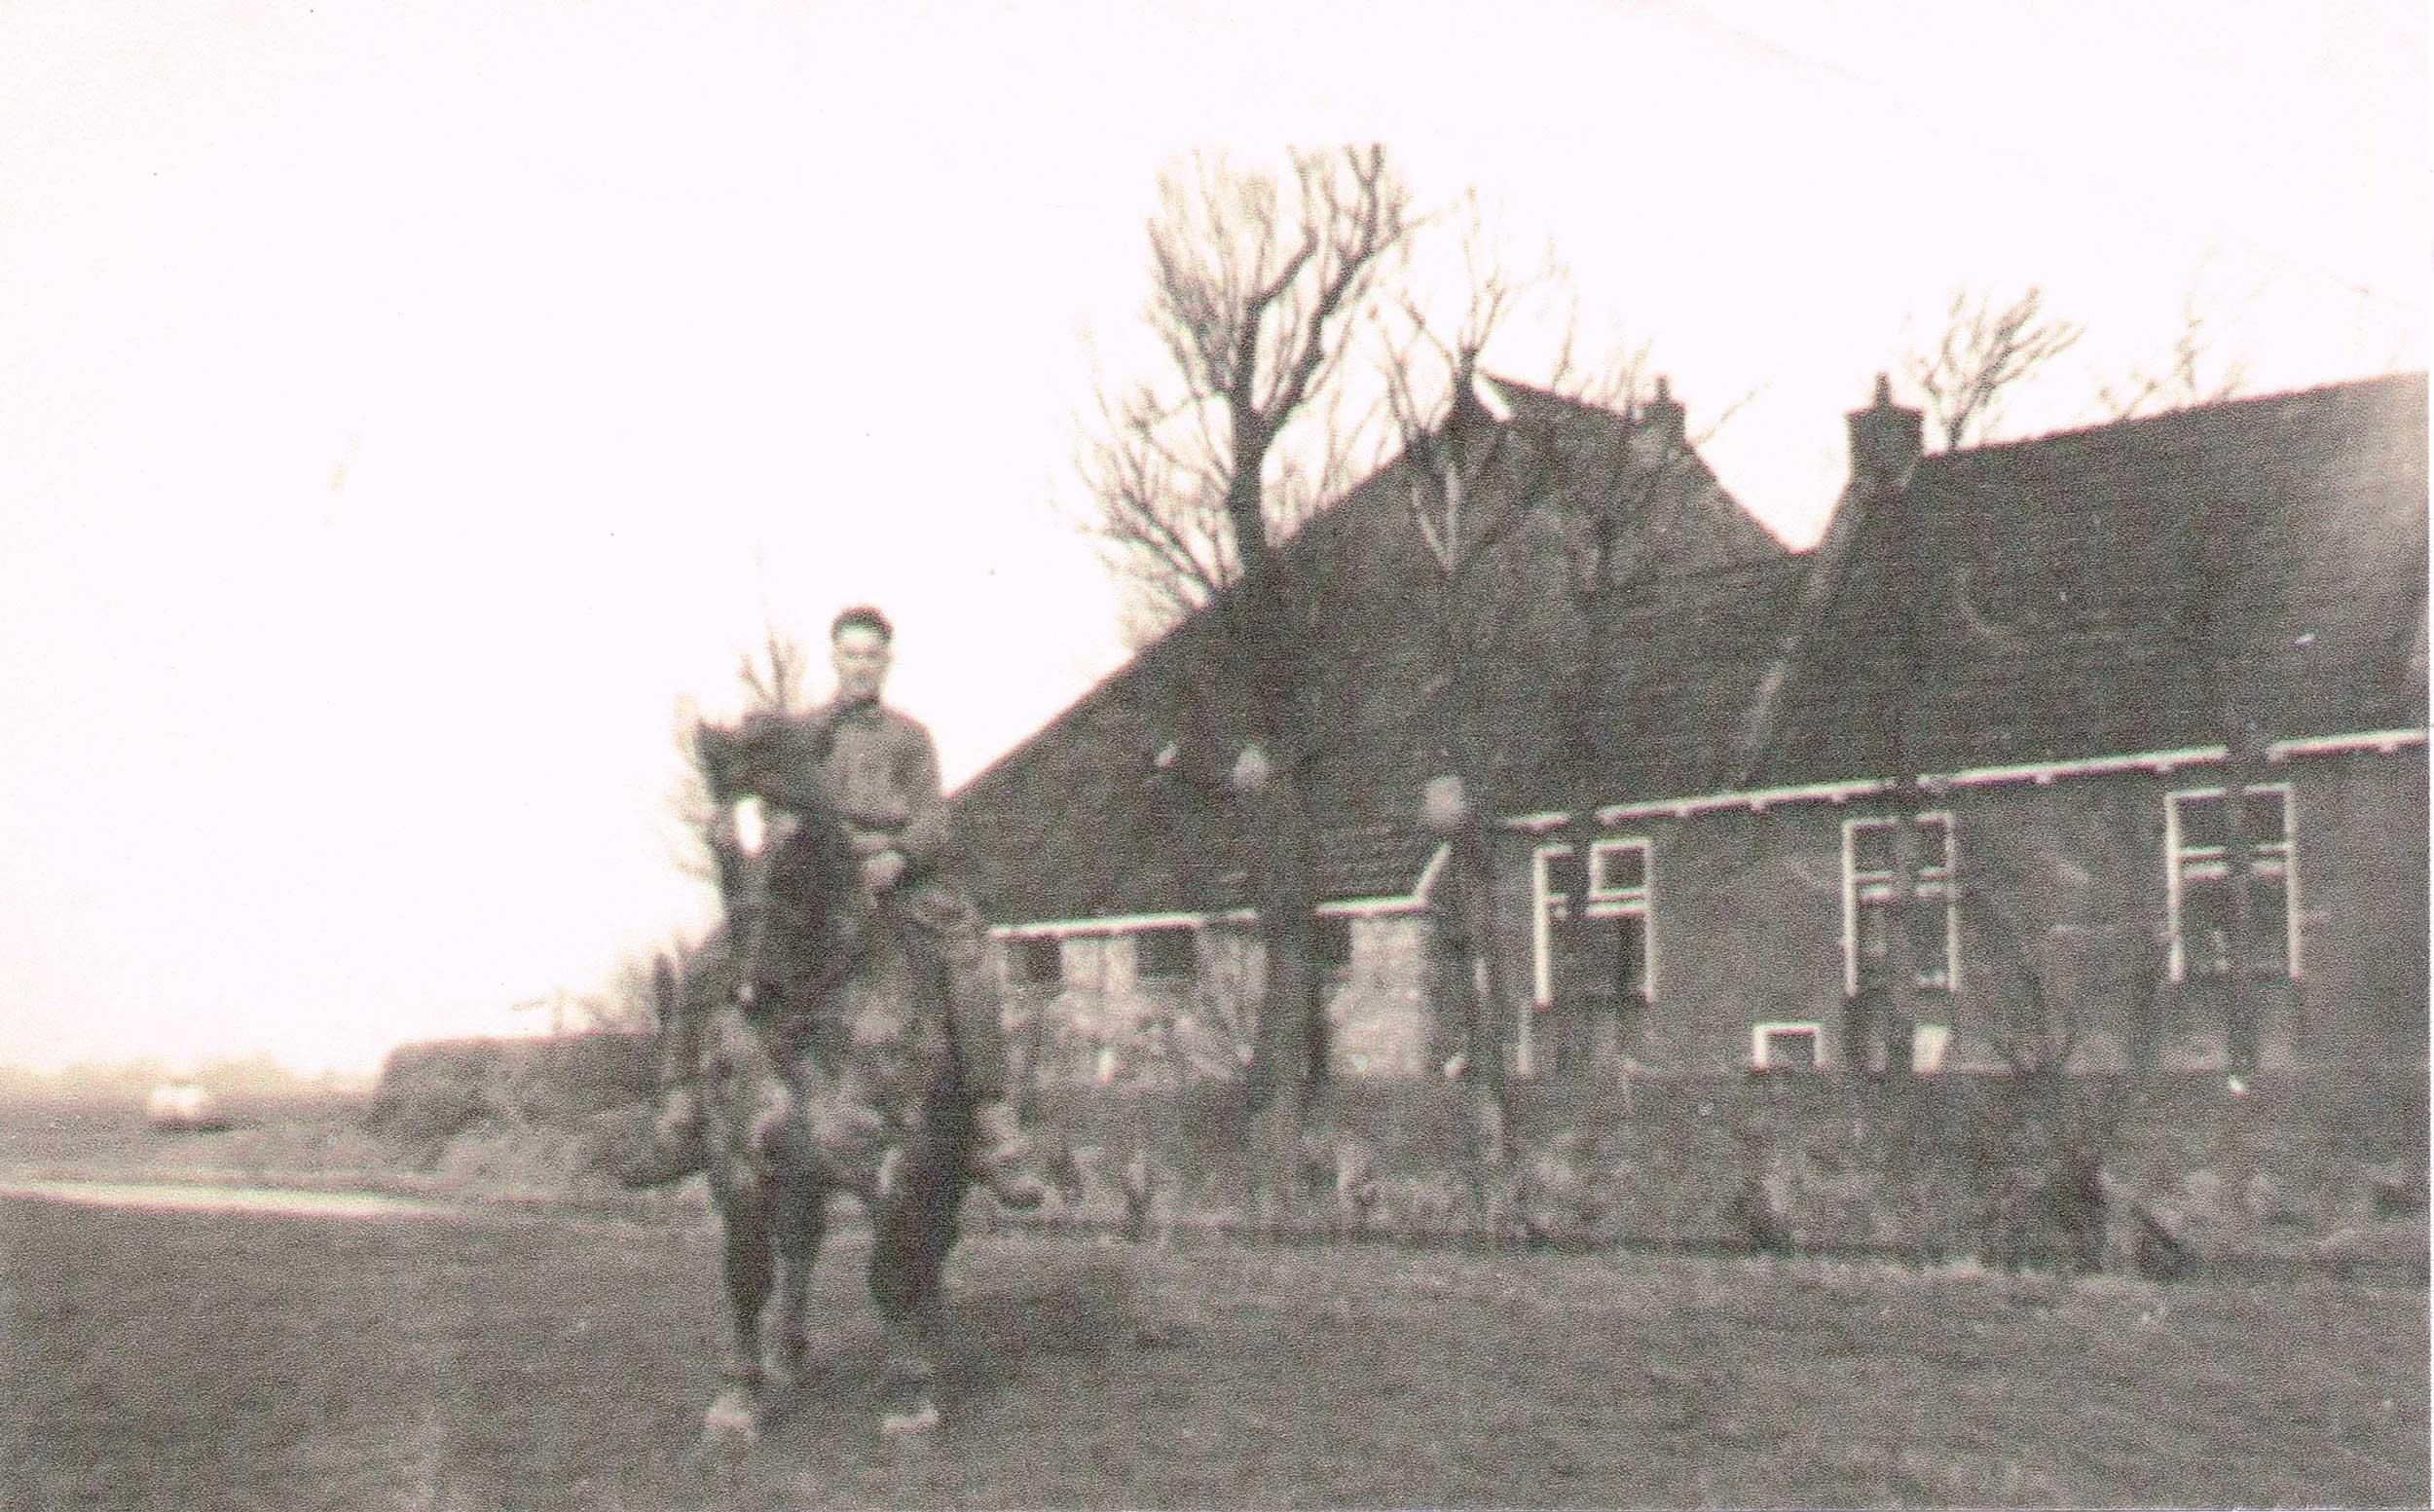 Een man op een paard bij Cleyn Alserd, in het land aan de andere kant van de Ingelumervaart